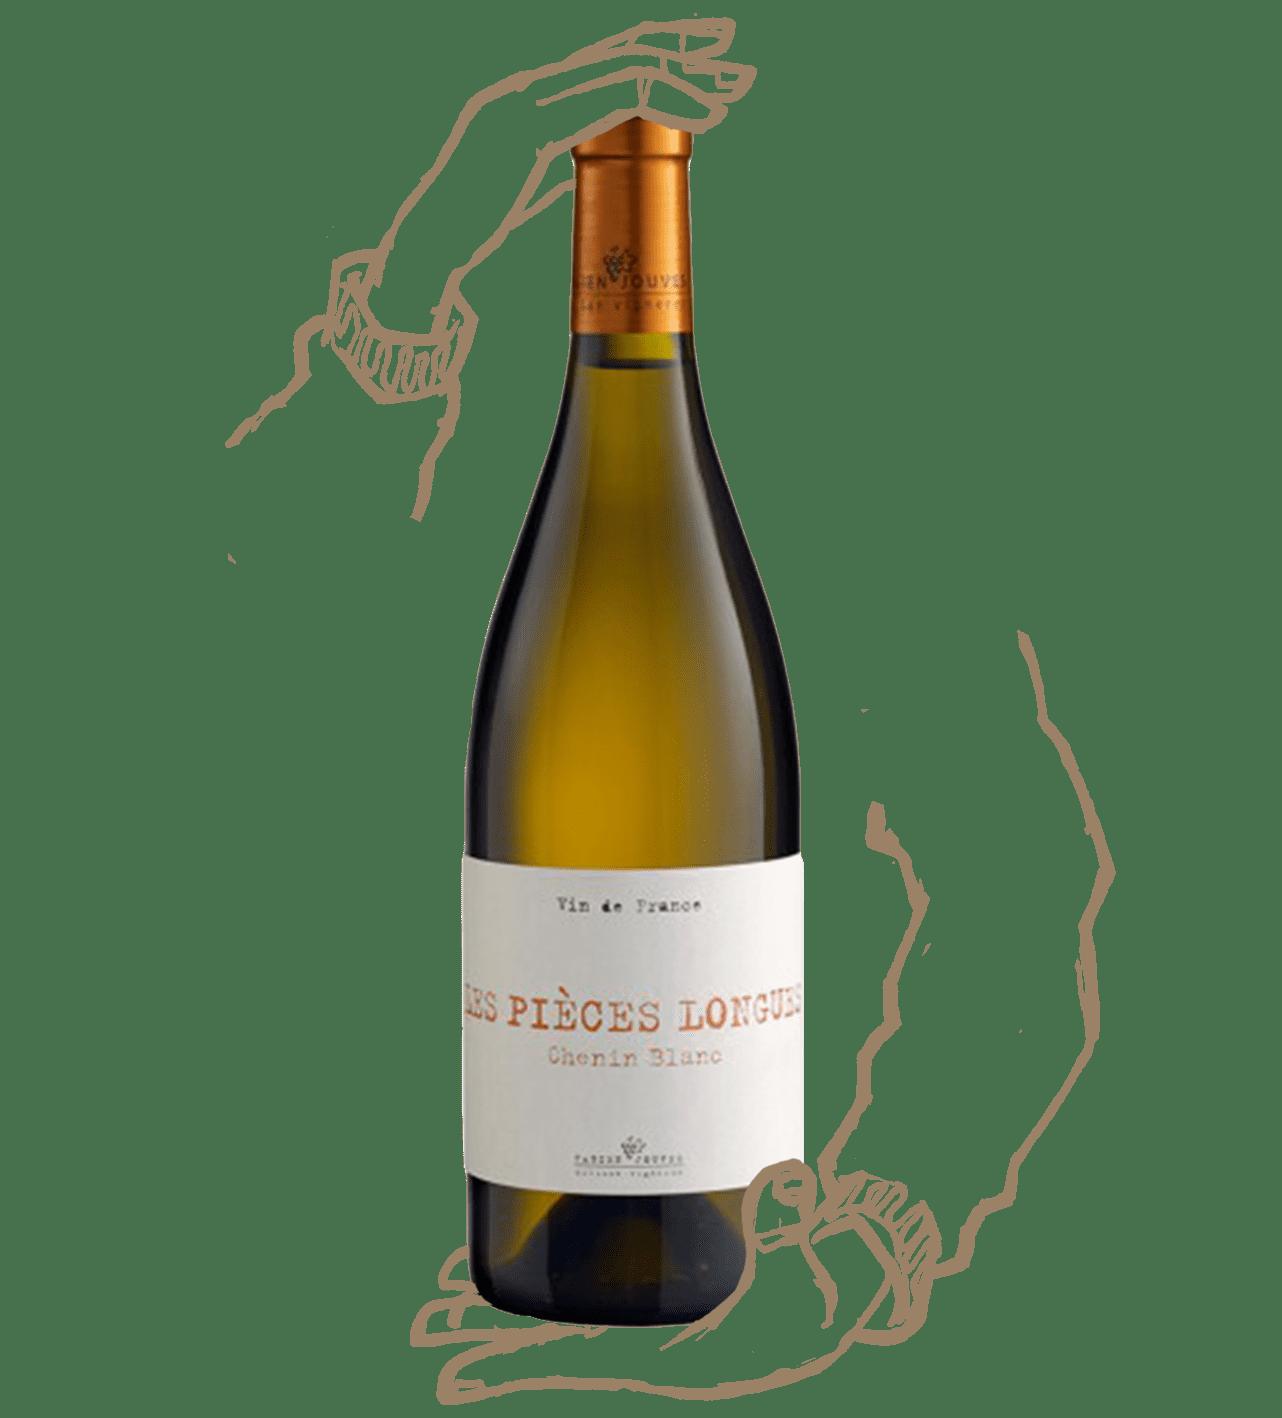 Les pièces longues est un vin naturel de Fabien jouves (mas del périé)